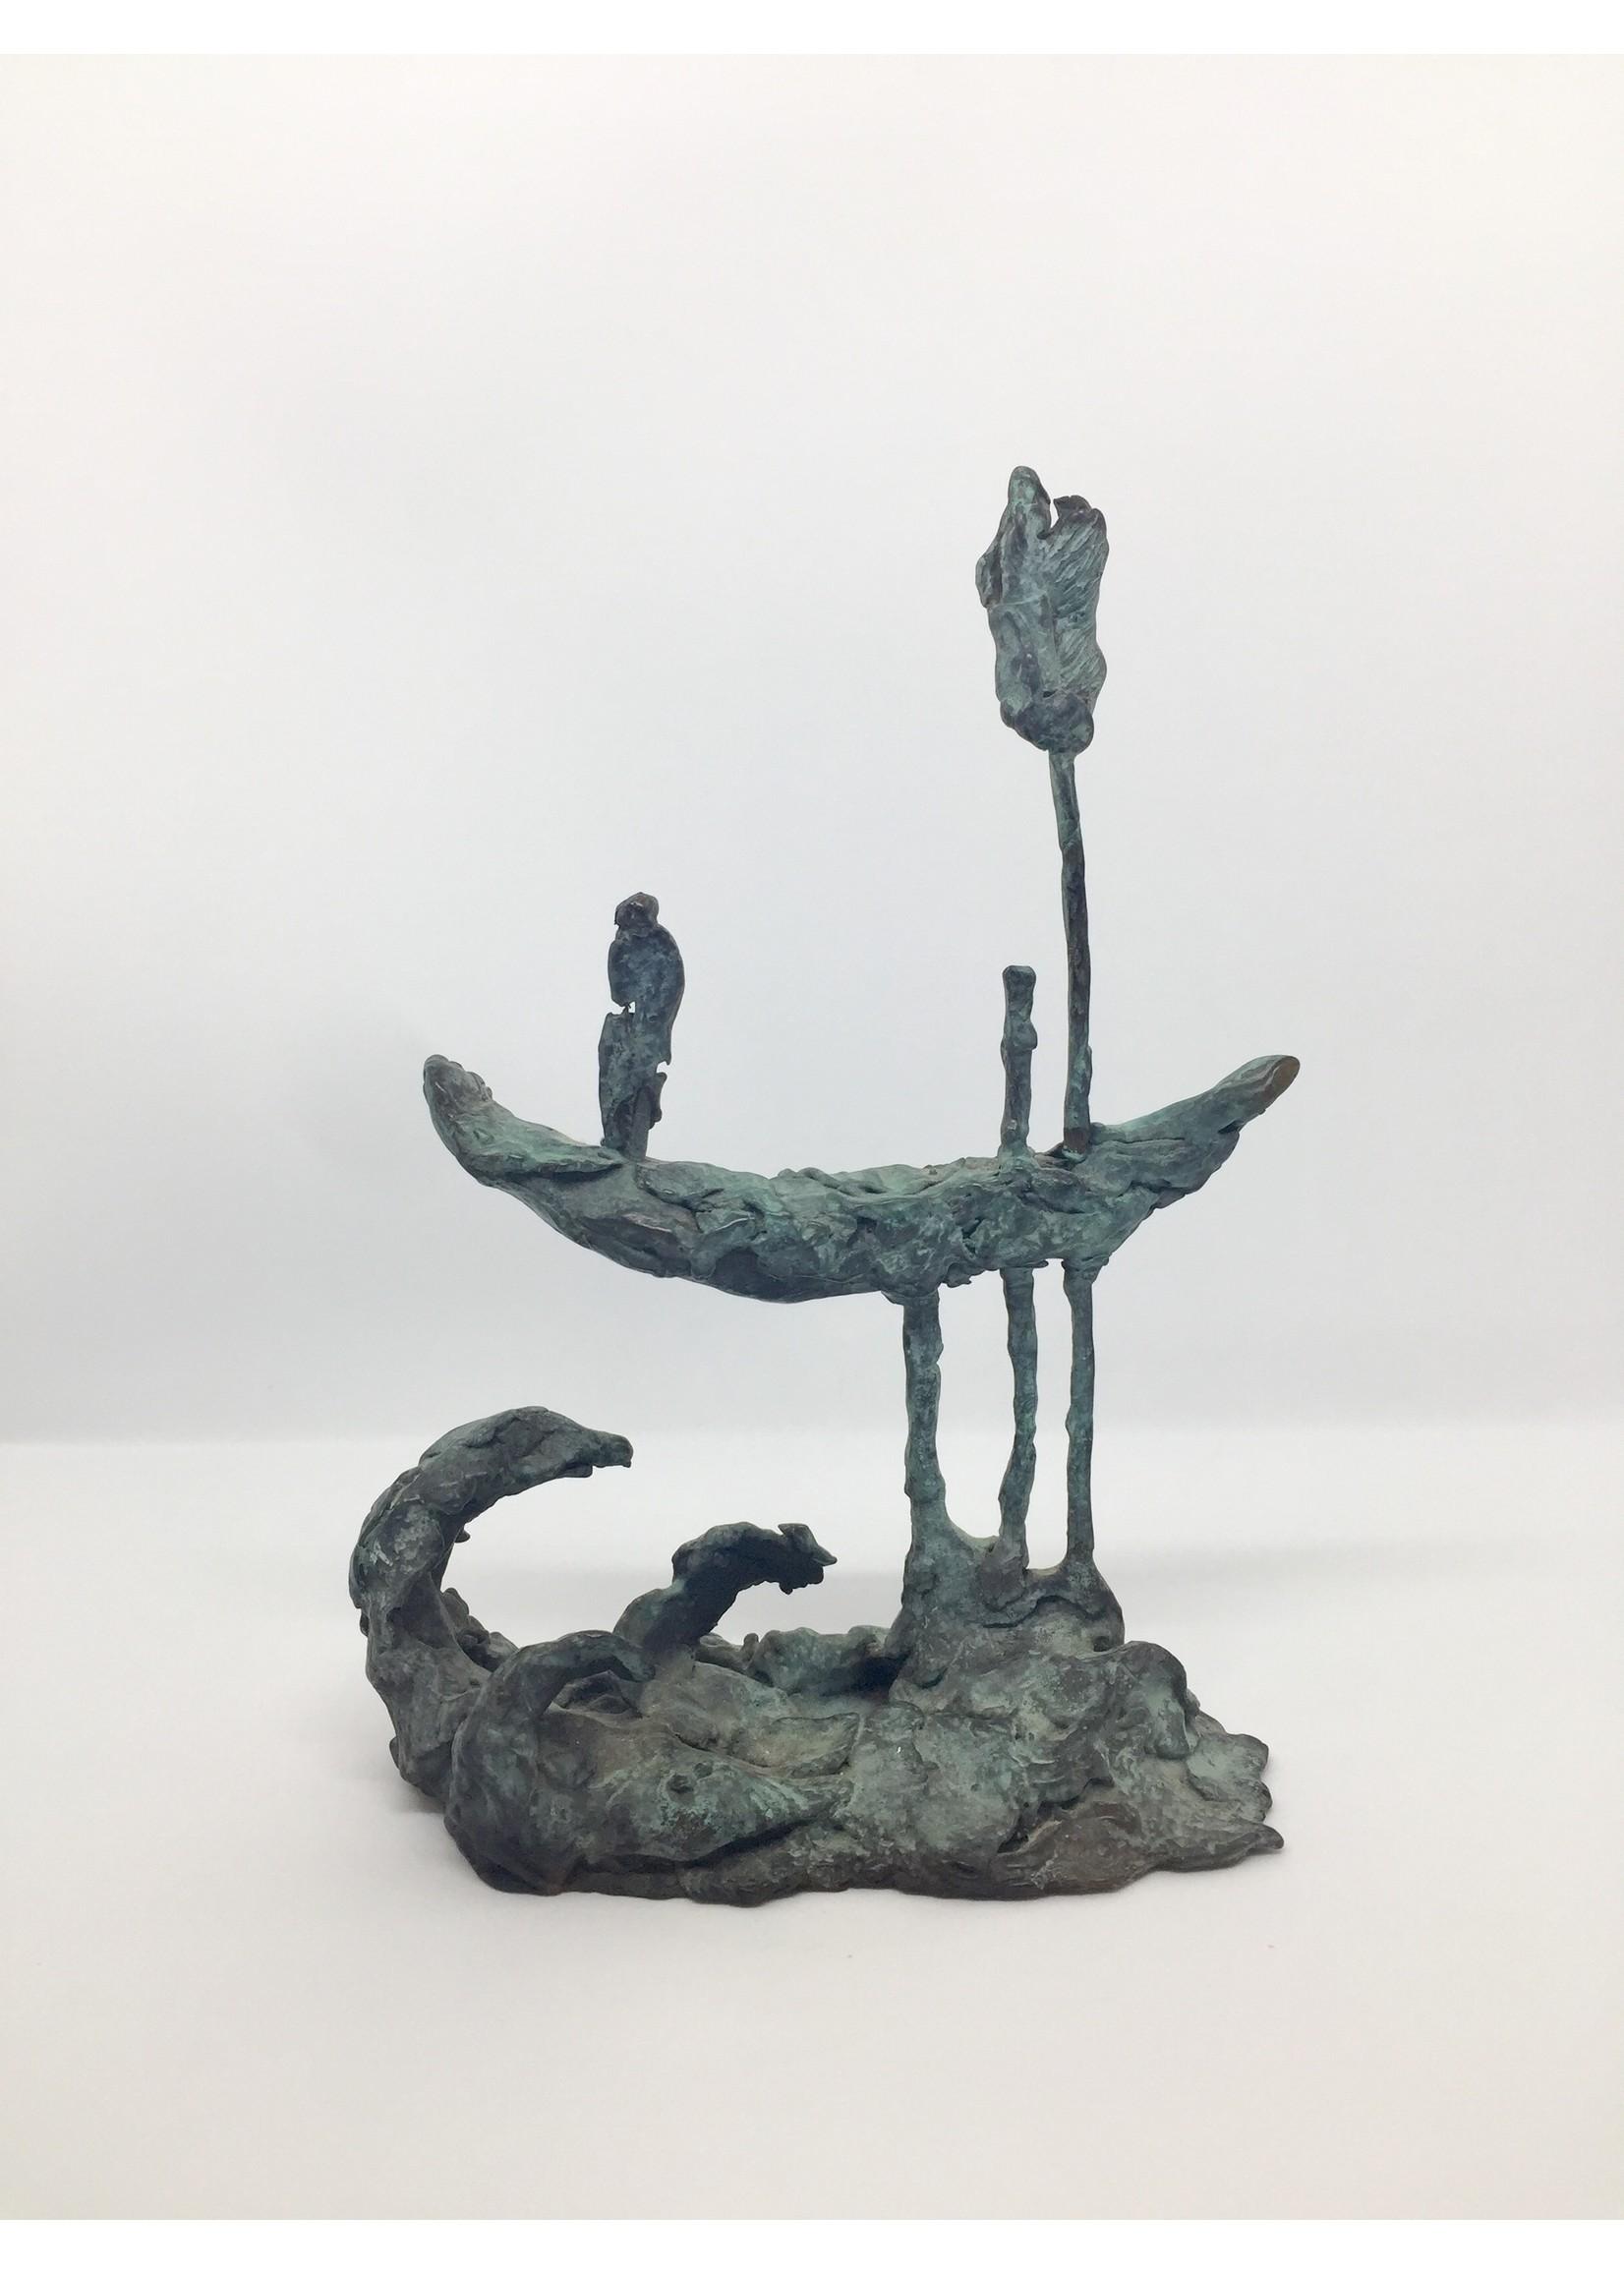 'Es ist das Meer, das mich stark macht' - Denise Kamp (Bronze)